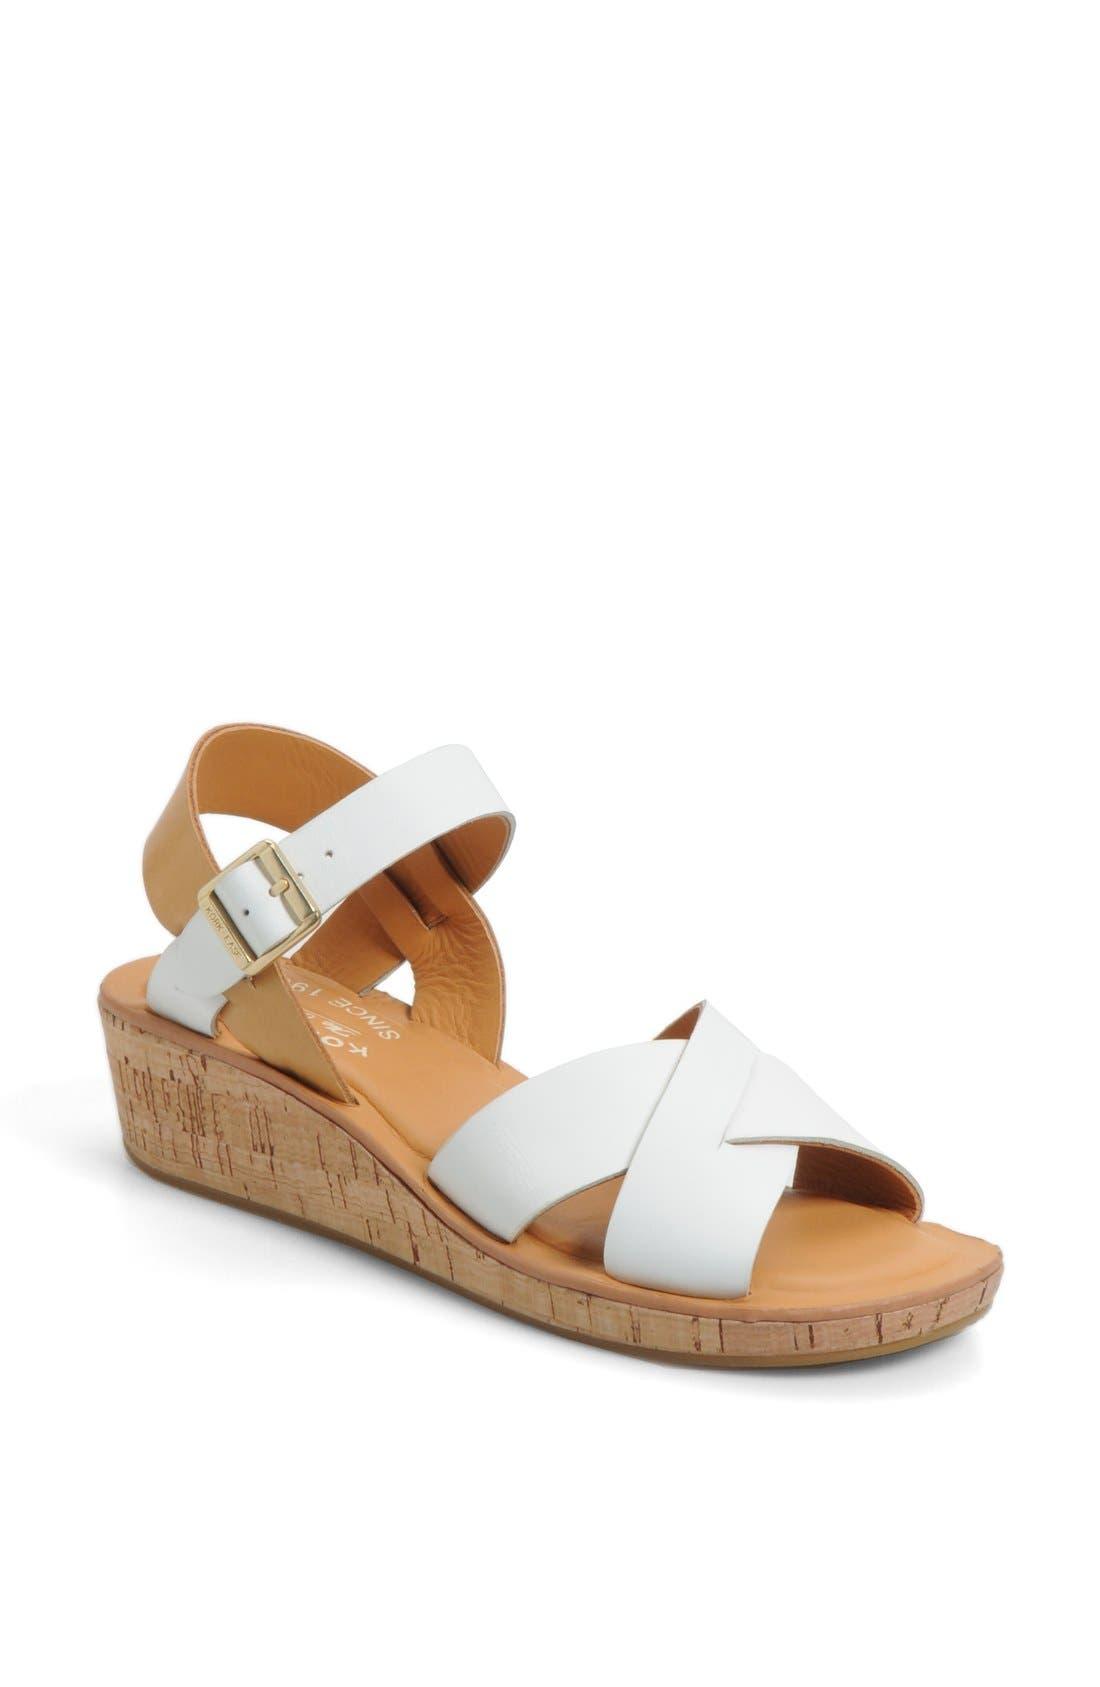 Alternate Image 1 Selected - Kork-Ease 'Myrna' Sandal